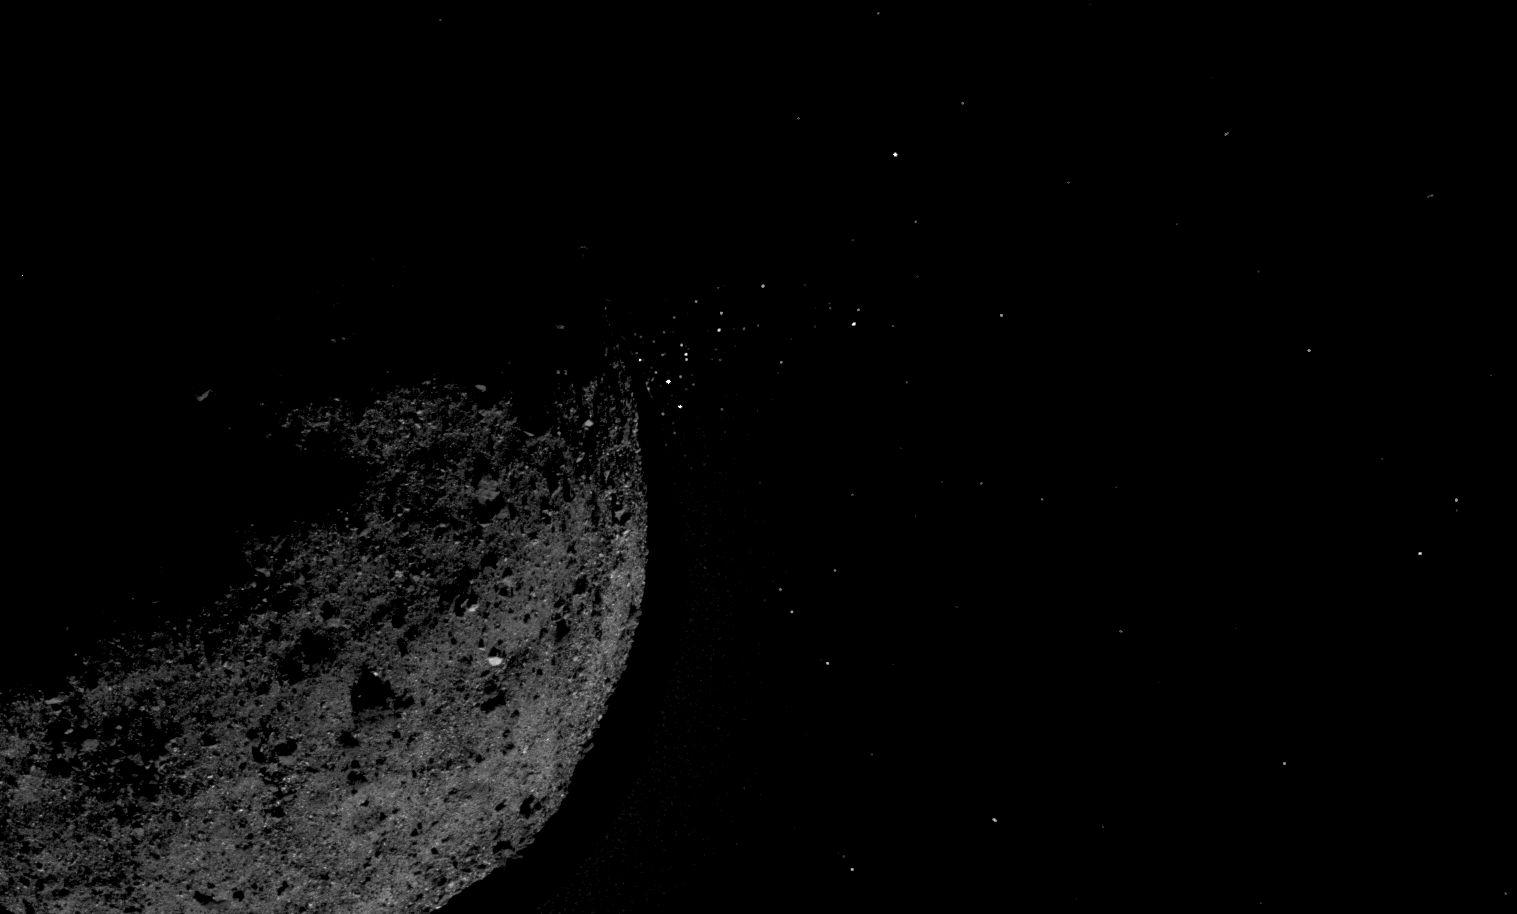 Bild: NASA/Goddard/University of Arizona